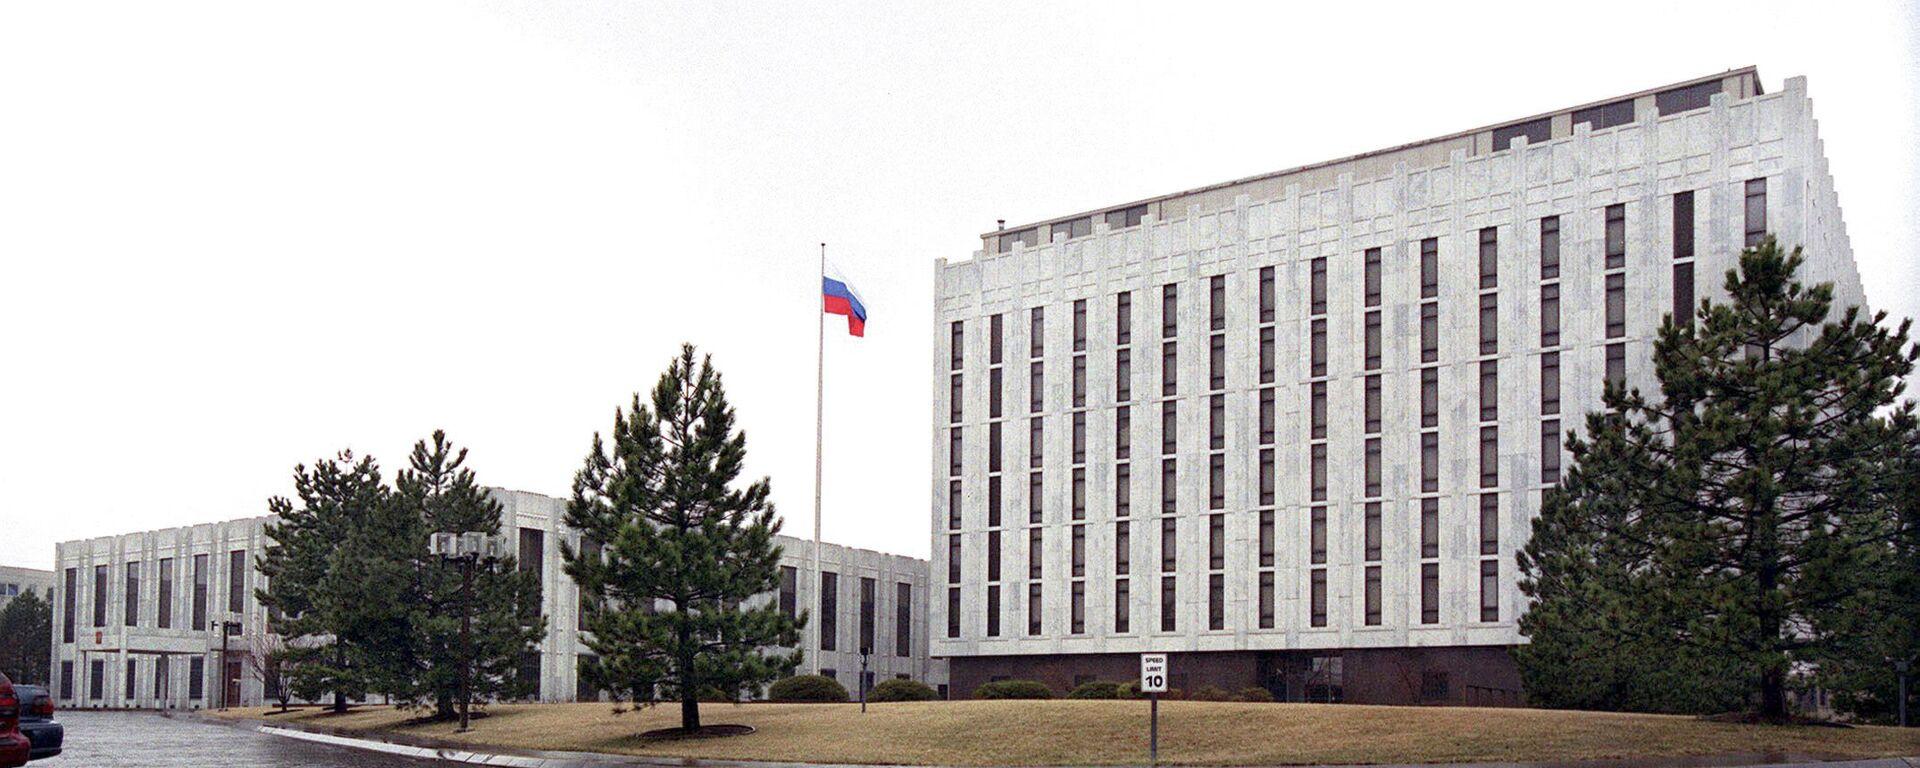 Velvyslanectví Ruska ve Washingtonu - Sputnik Česká republika, 1920, 20.06.2021